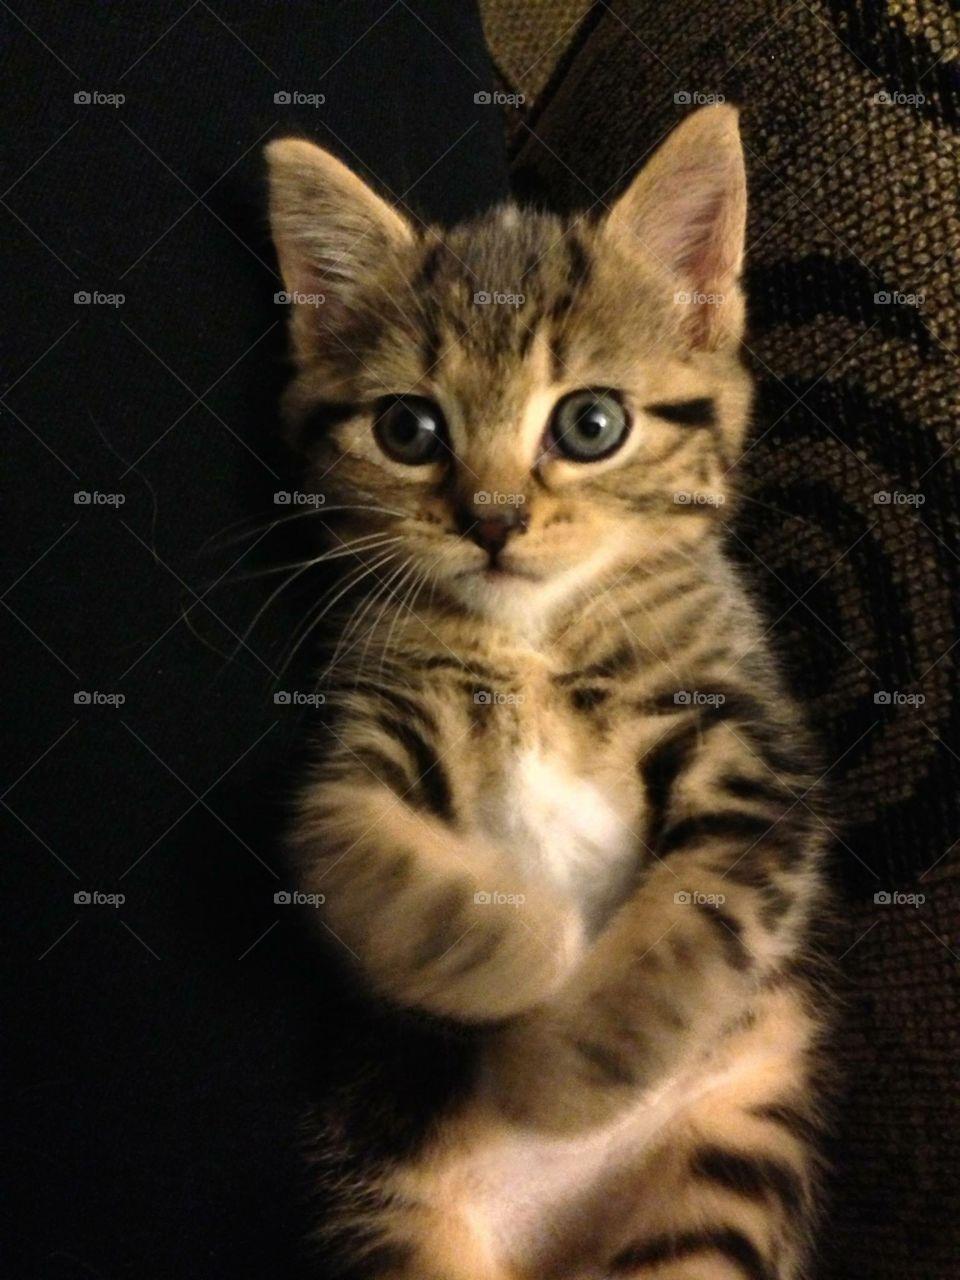 Cat, Kitten, Pet, Portrait, Mammal